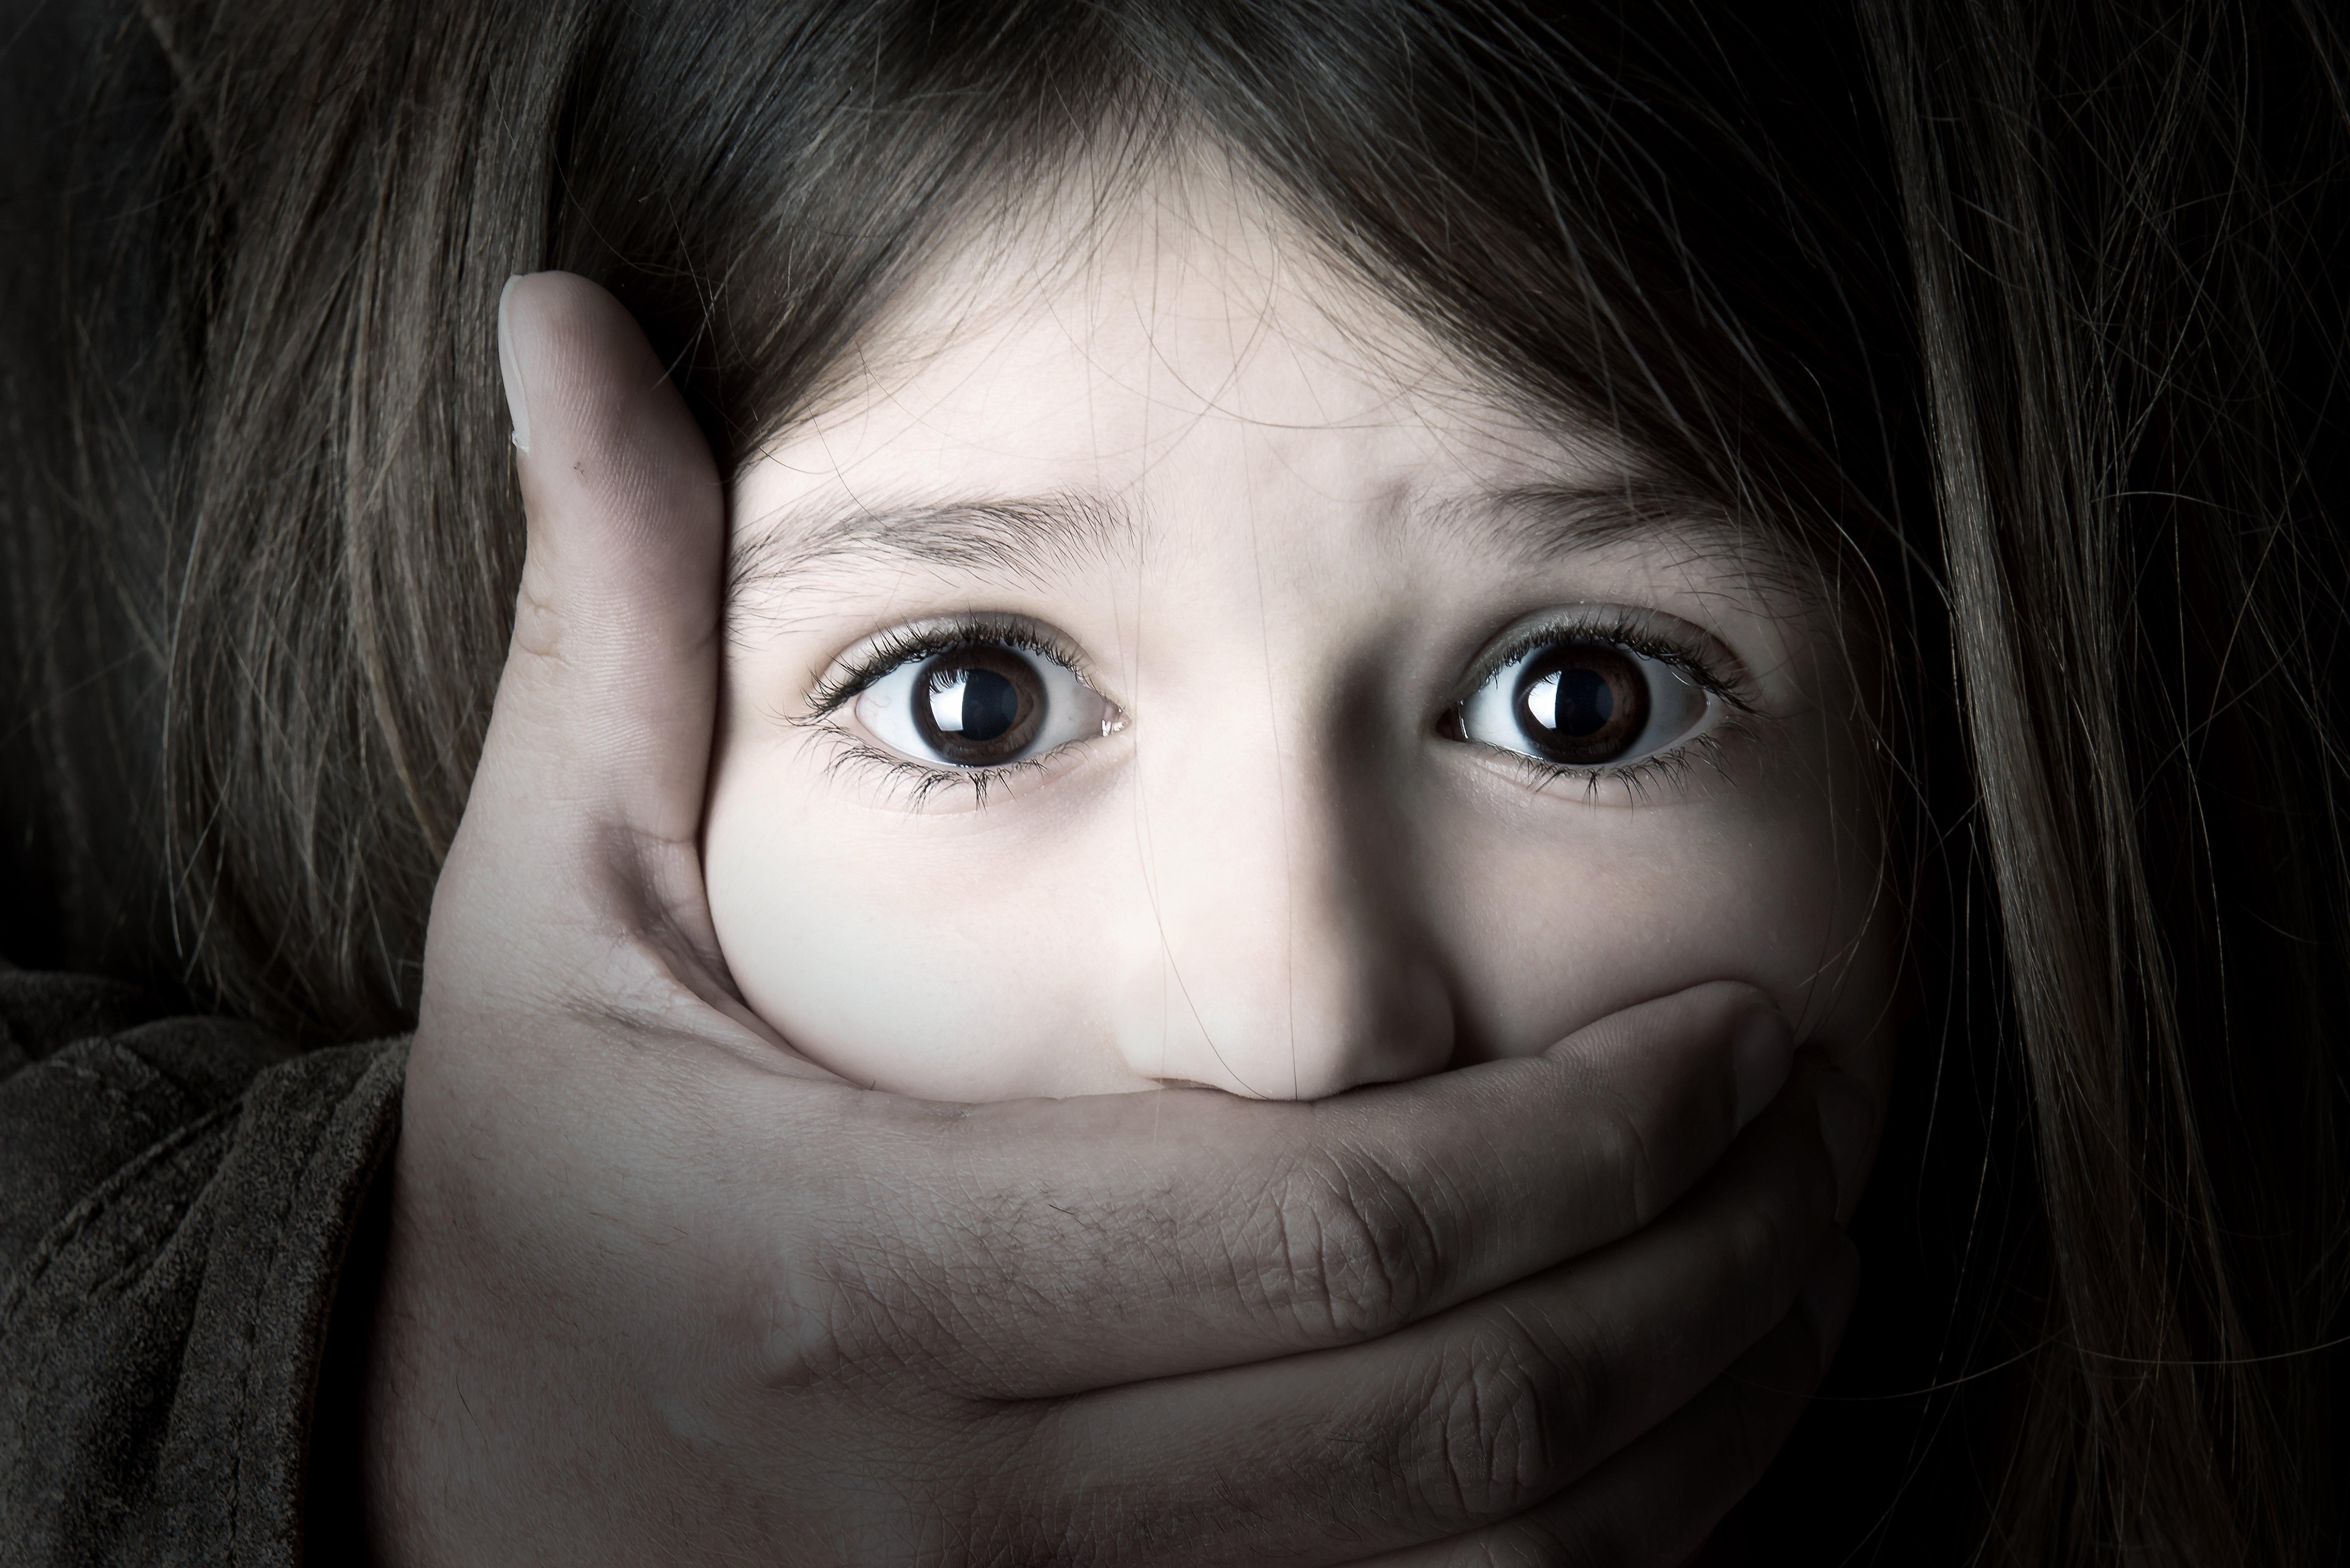 A una niña le tapan la boca con una mano. Fuente: Shutterstock